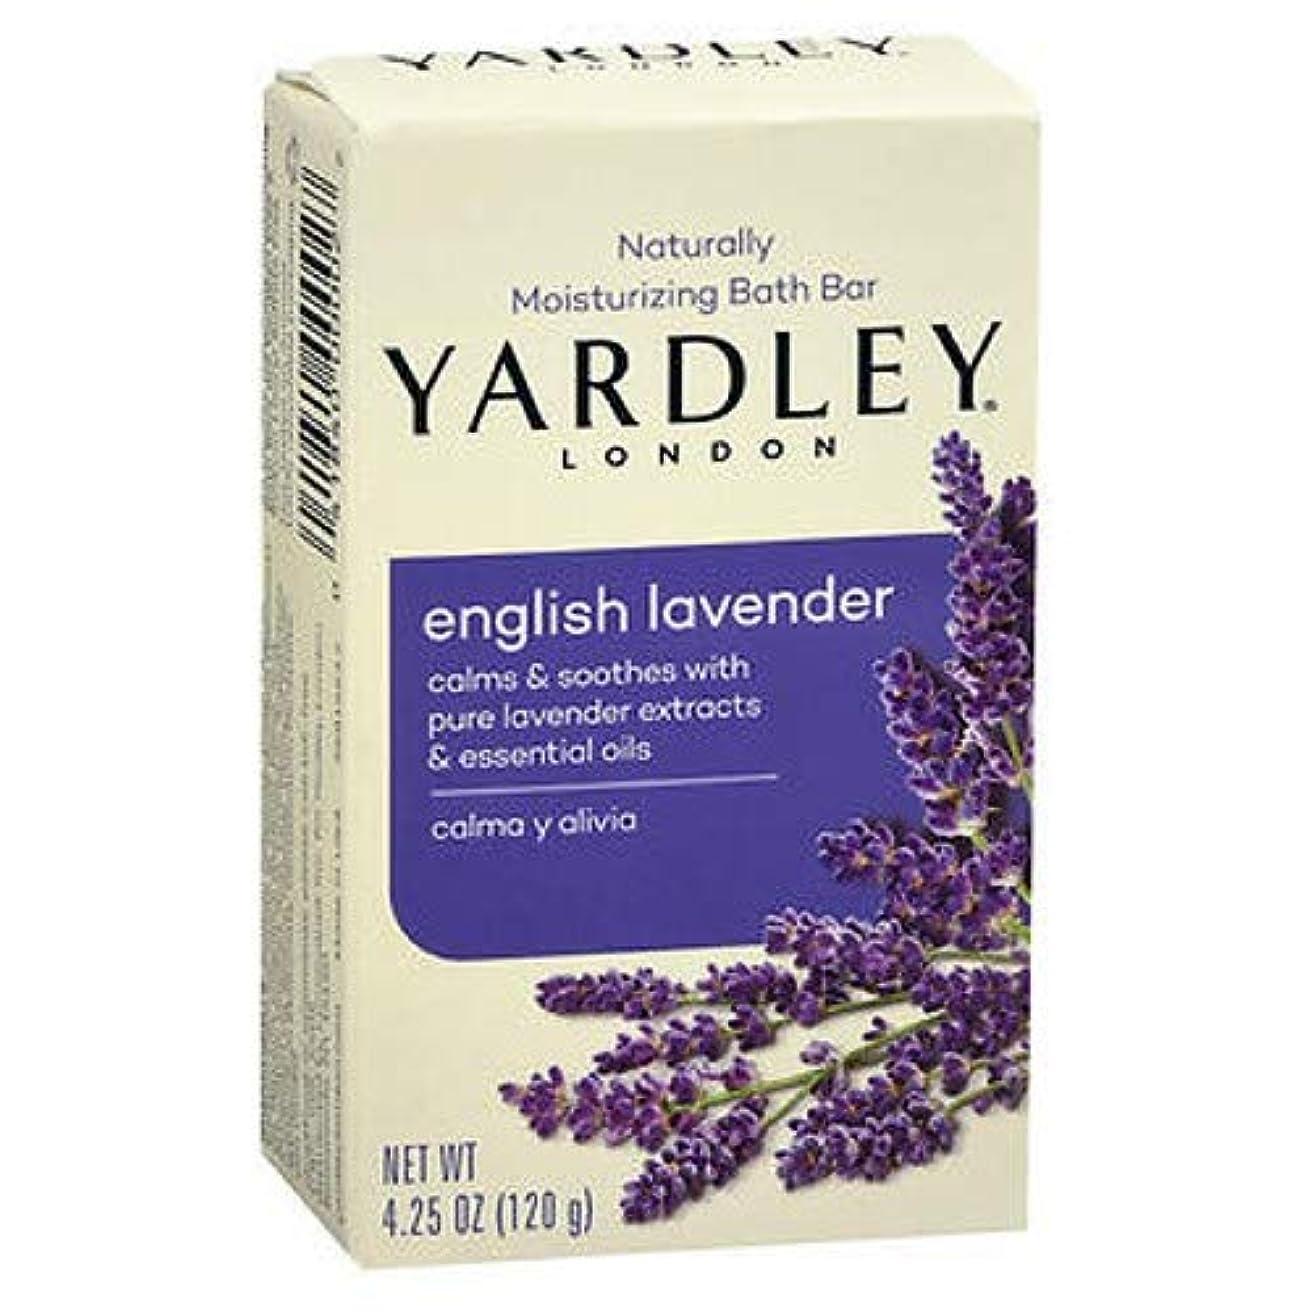 わずらわしい参照中毒海外直送品Yardley Yardley London Naturally Moisturizing Bar Soap, English Lavender 4.25 oz (Pack of 4)